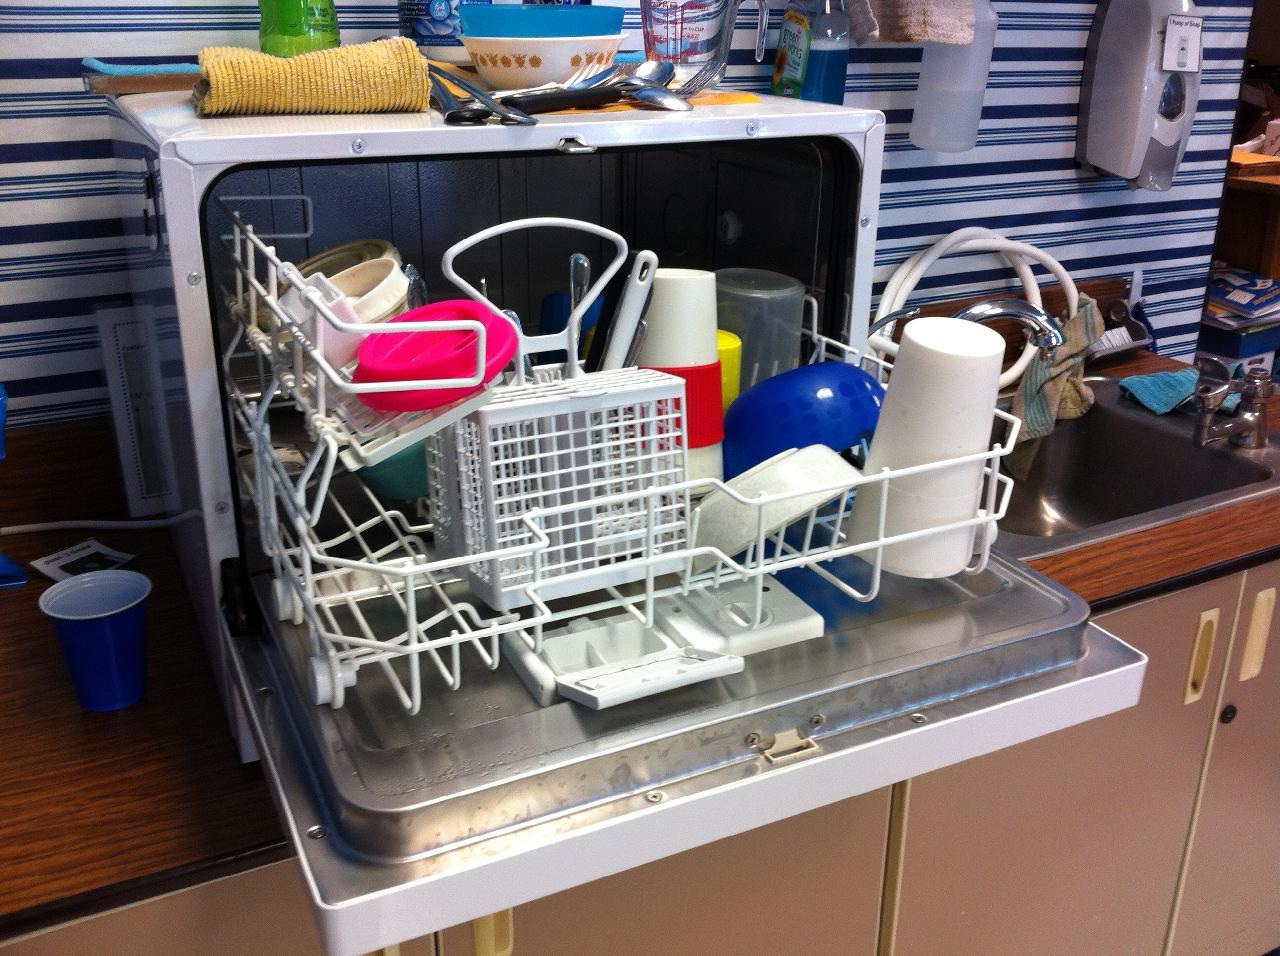 dishwasher residue